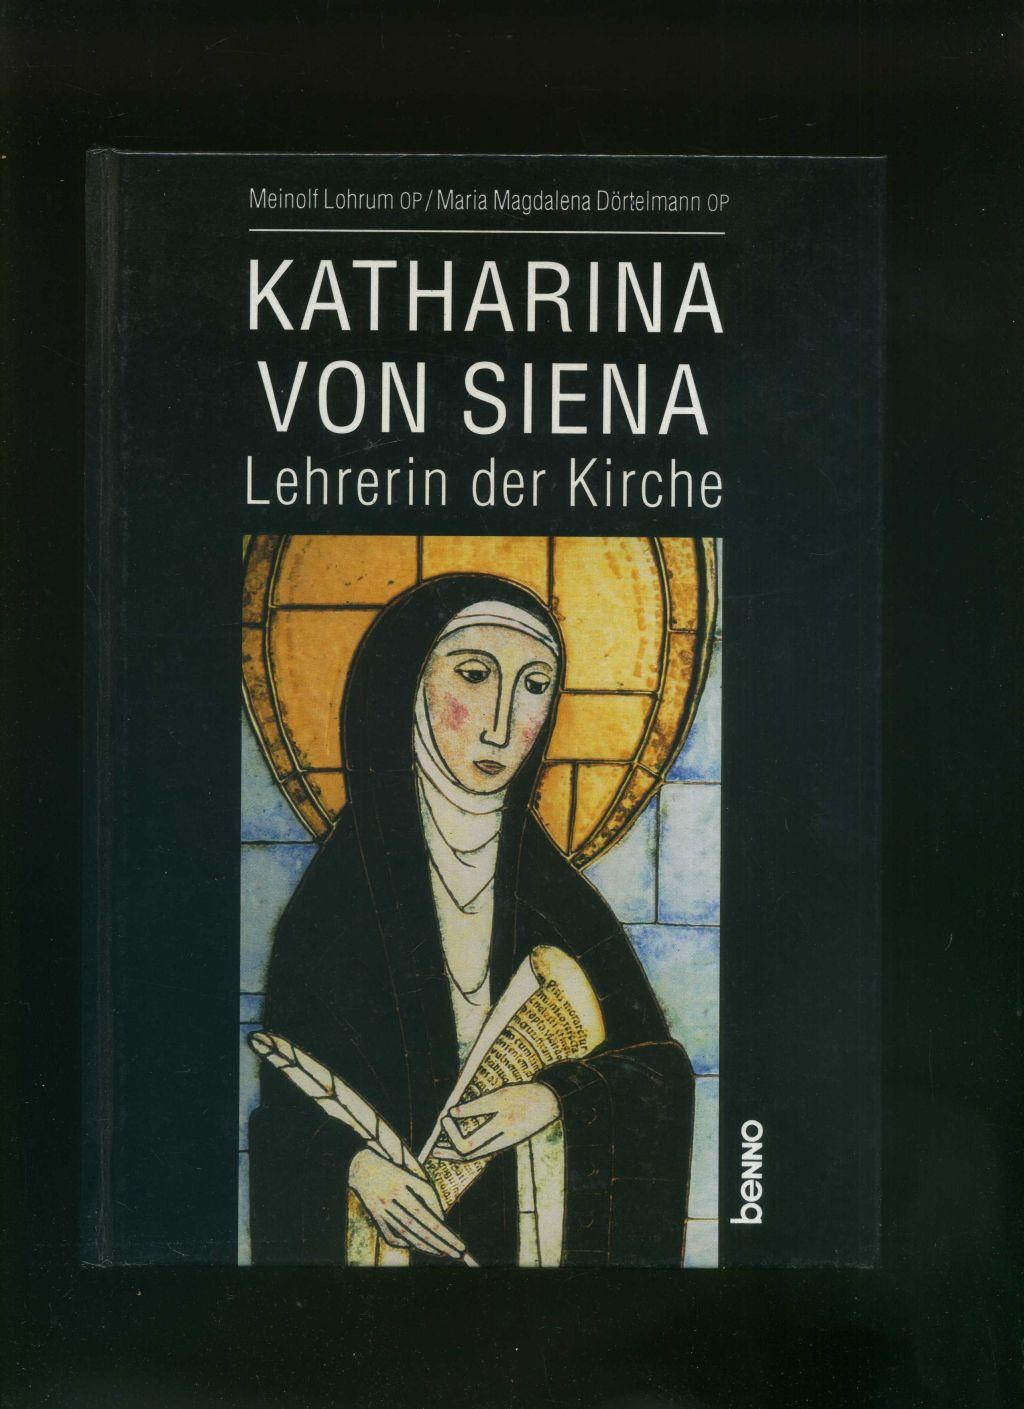 Katharina von Siena. Lehrerin der Kirche von - Meinolf Lohrum und Maria M Dörtelmann